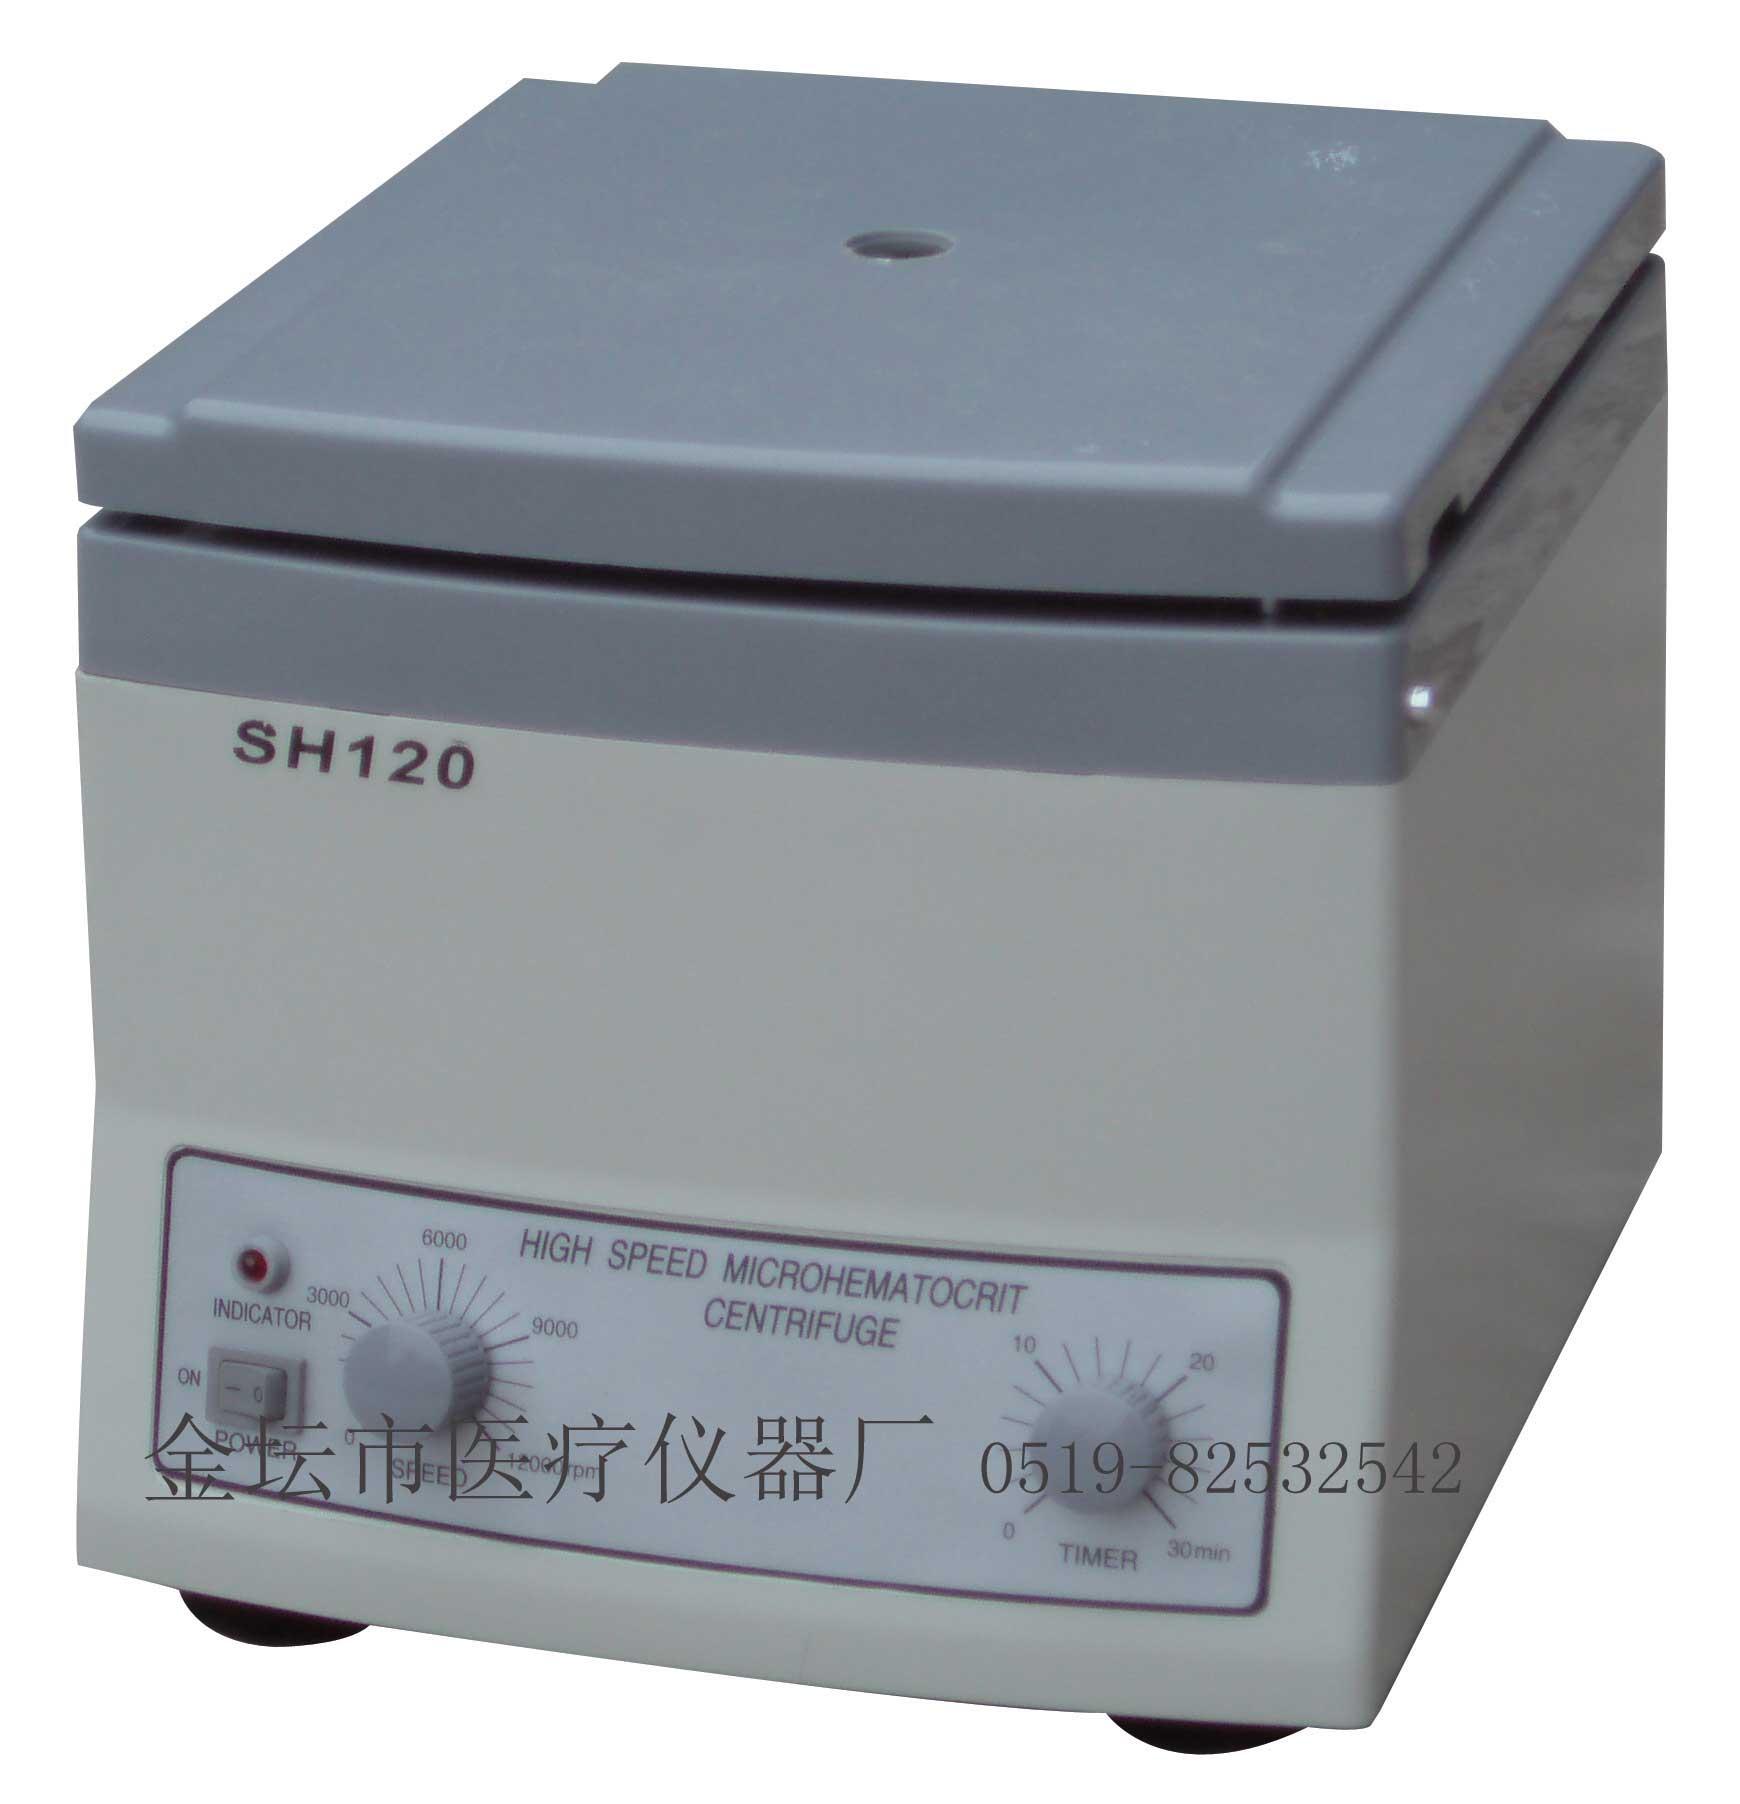 江苏金坛SH120微量血液离心机